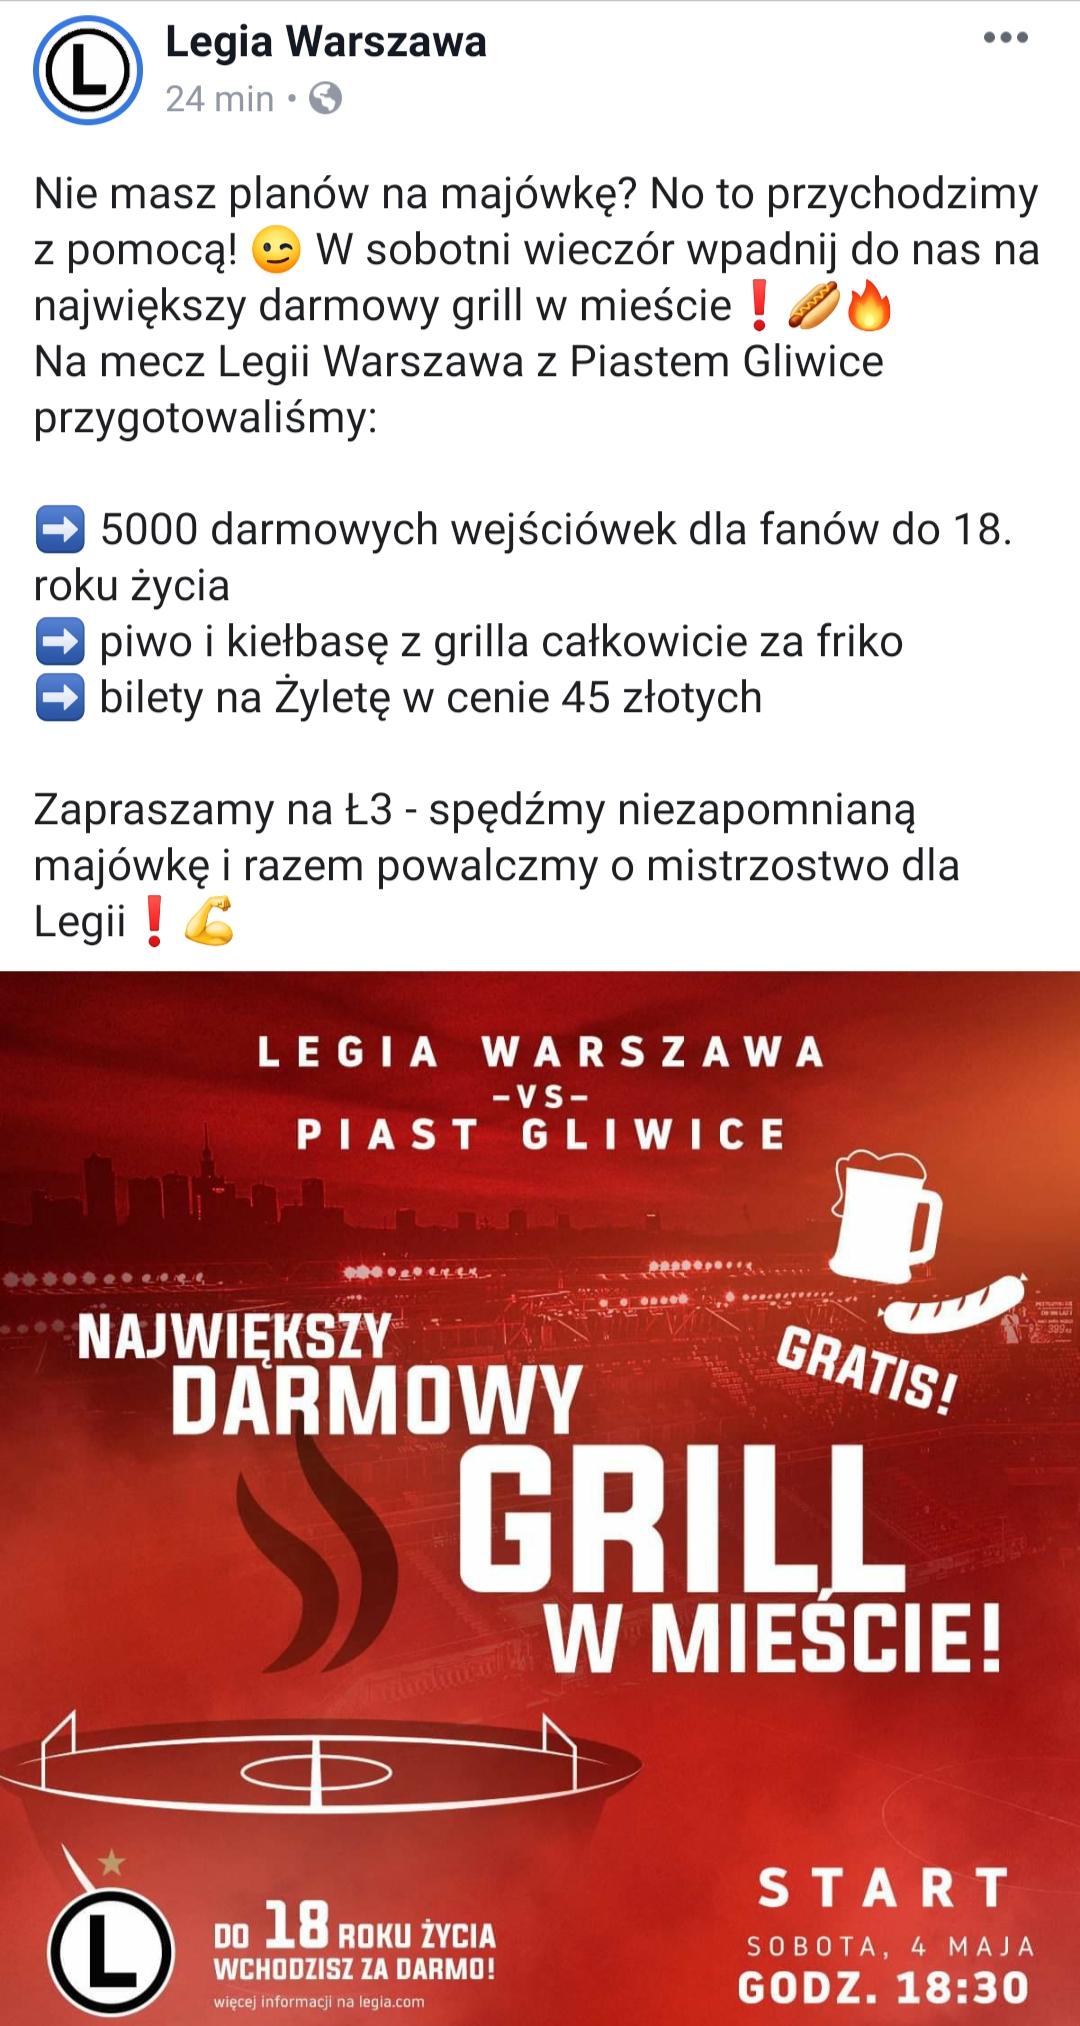 DARMOWY GRILL i PIWO NA ŁAZIENKOWSKIEJ 3